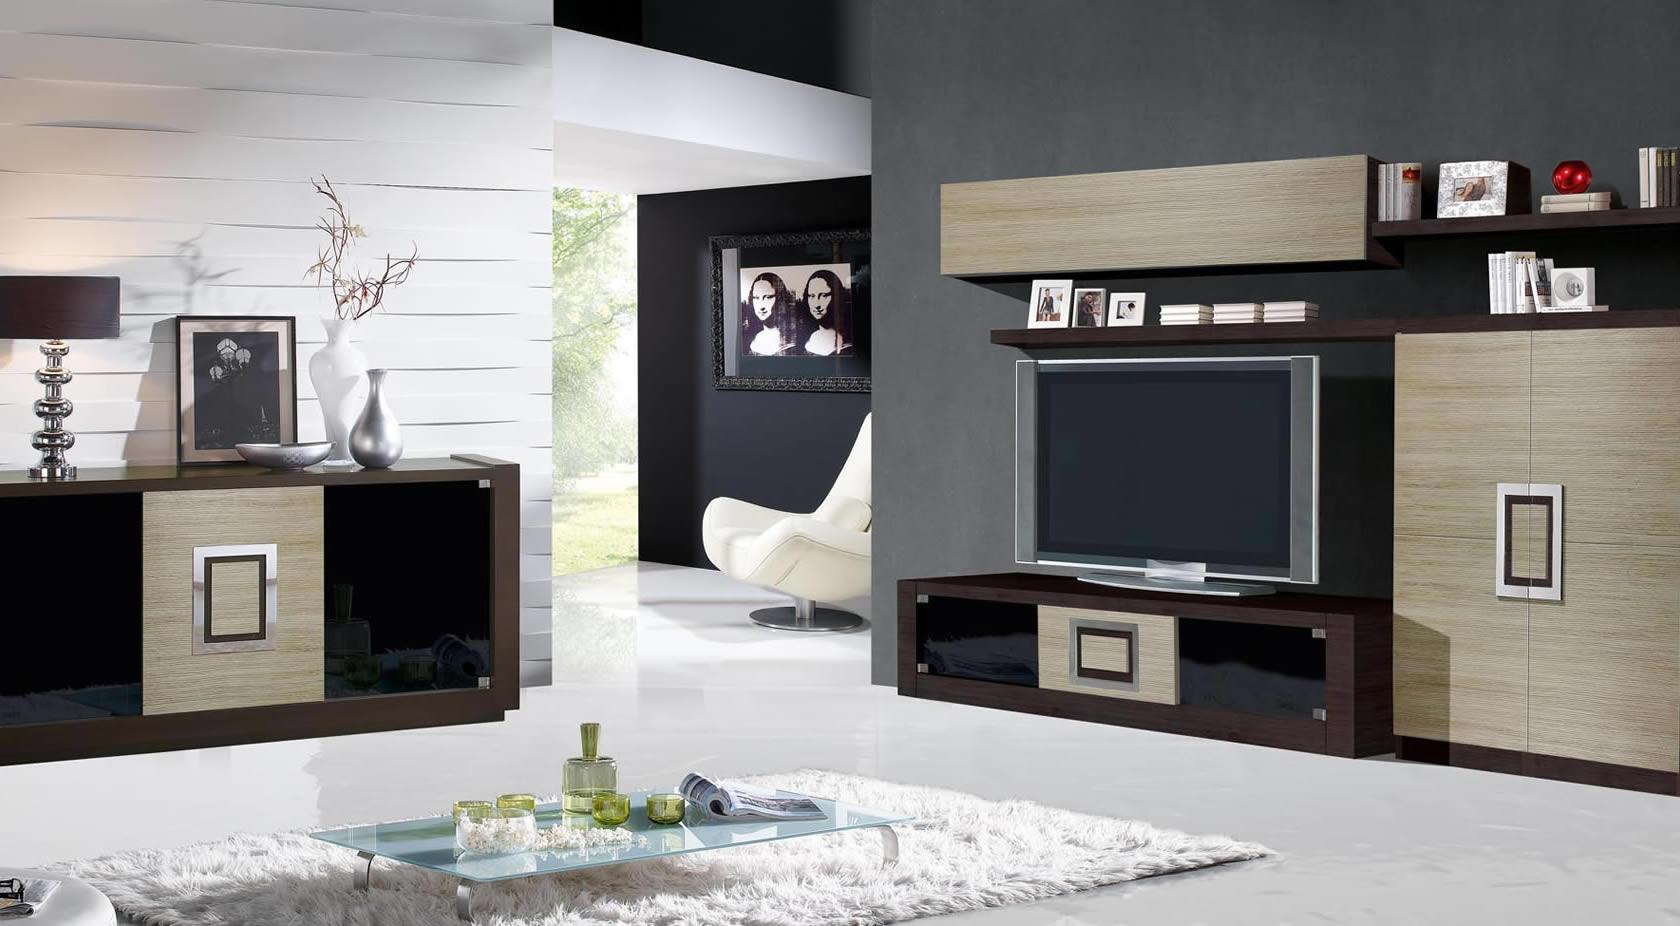 Muebles estilo colonial moderno latest elegante for Muebles estilo isabelino moderno